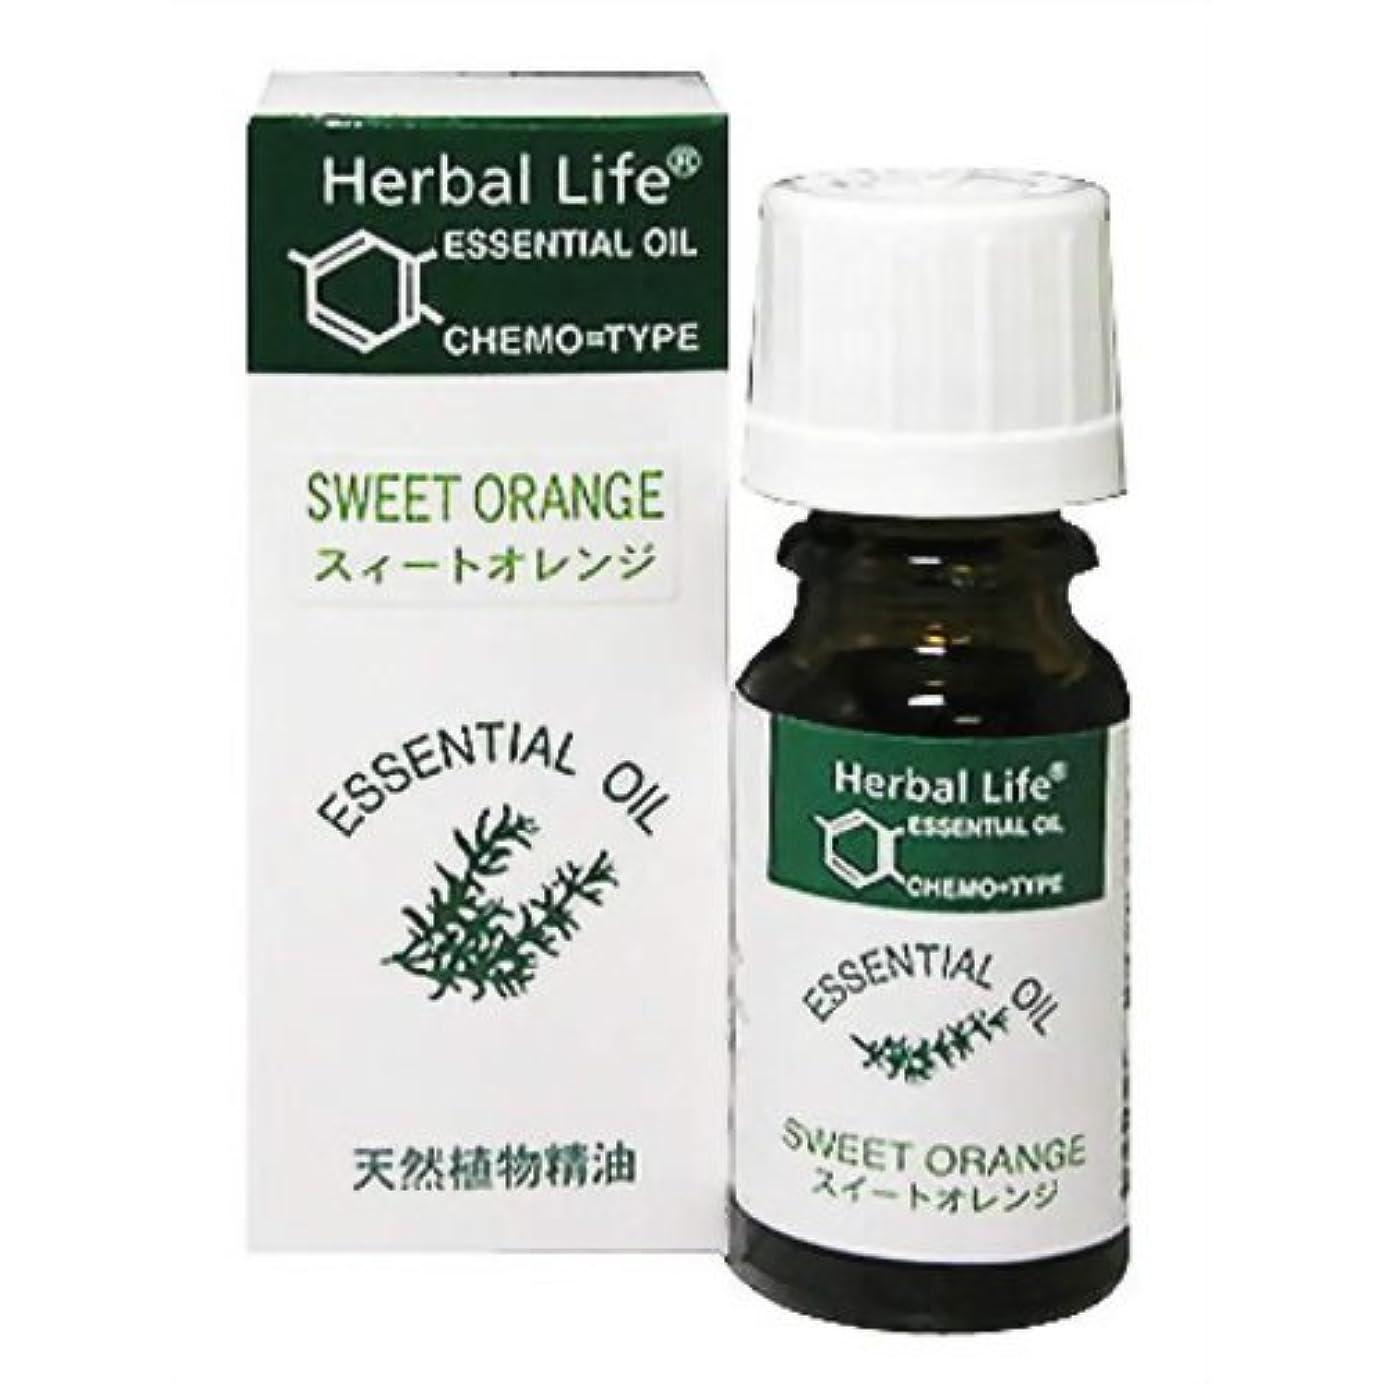 アマチュアフェデレーション泣いている生活の木 Herbal Life スィートオレンジ 10ml